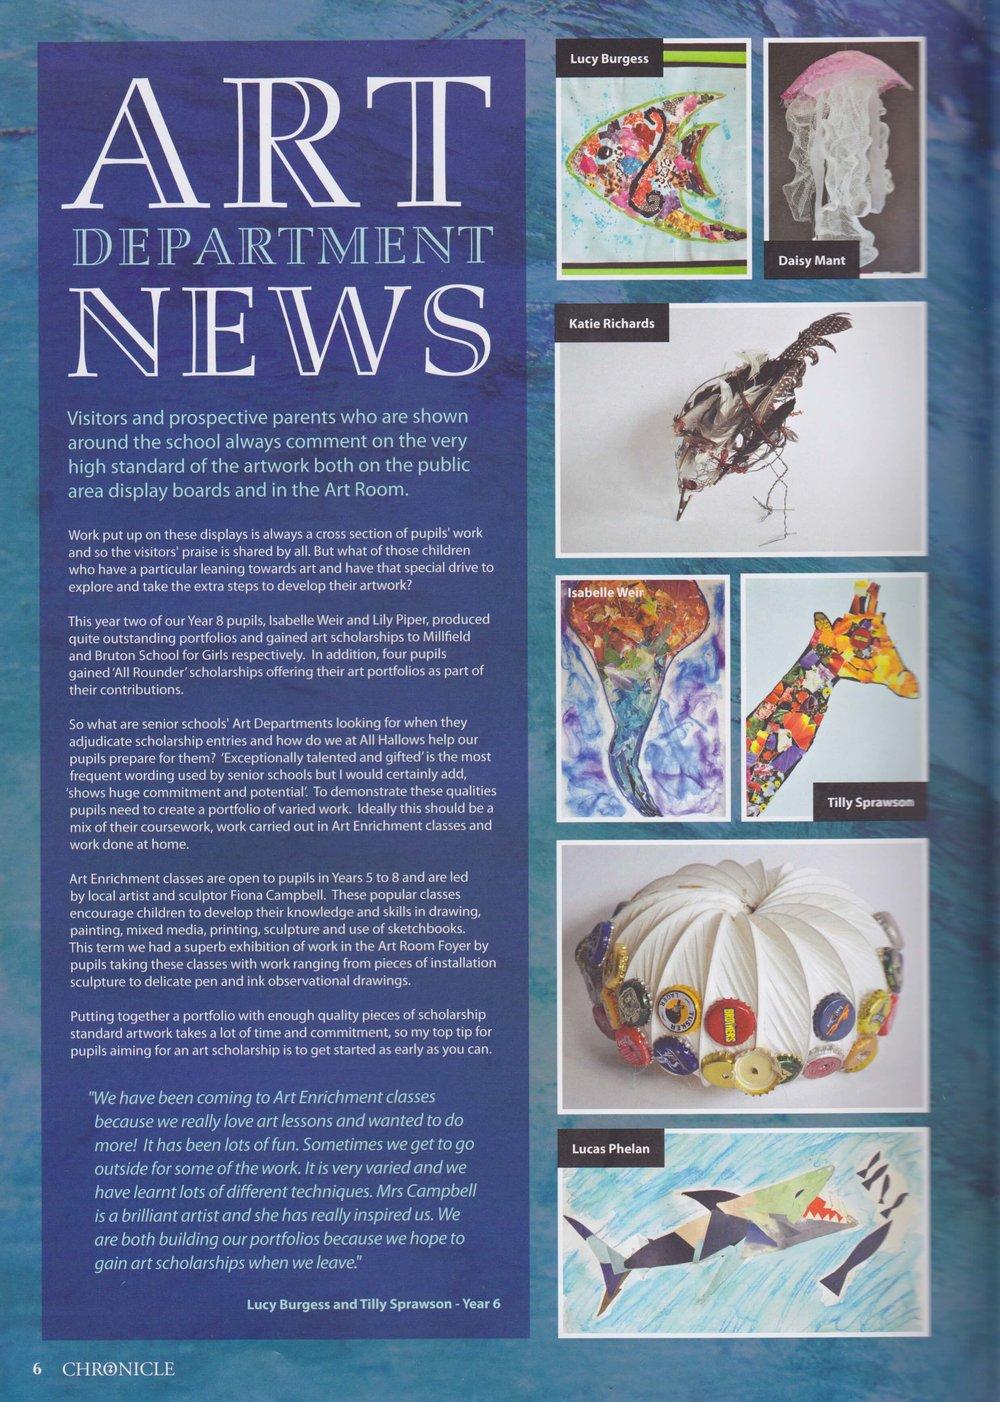 All Hallows Prep School Chronicle 2012 article - Extra Curricular Art